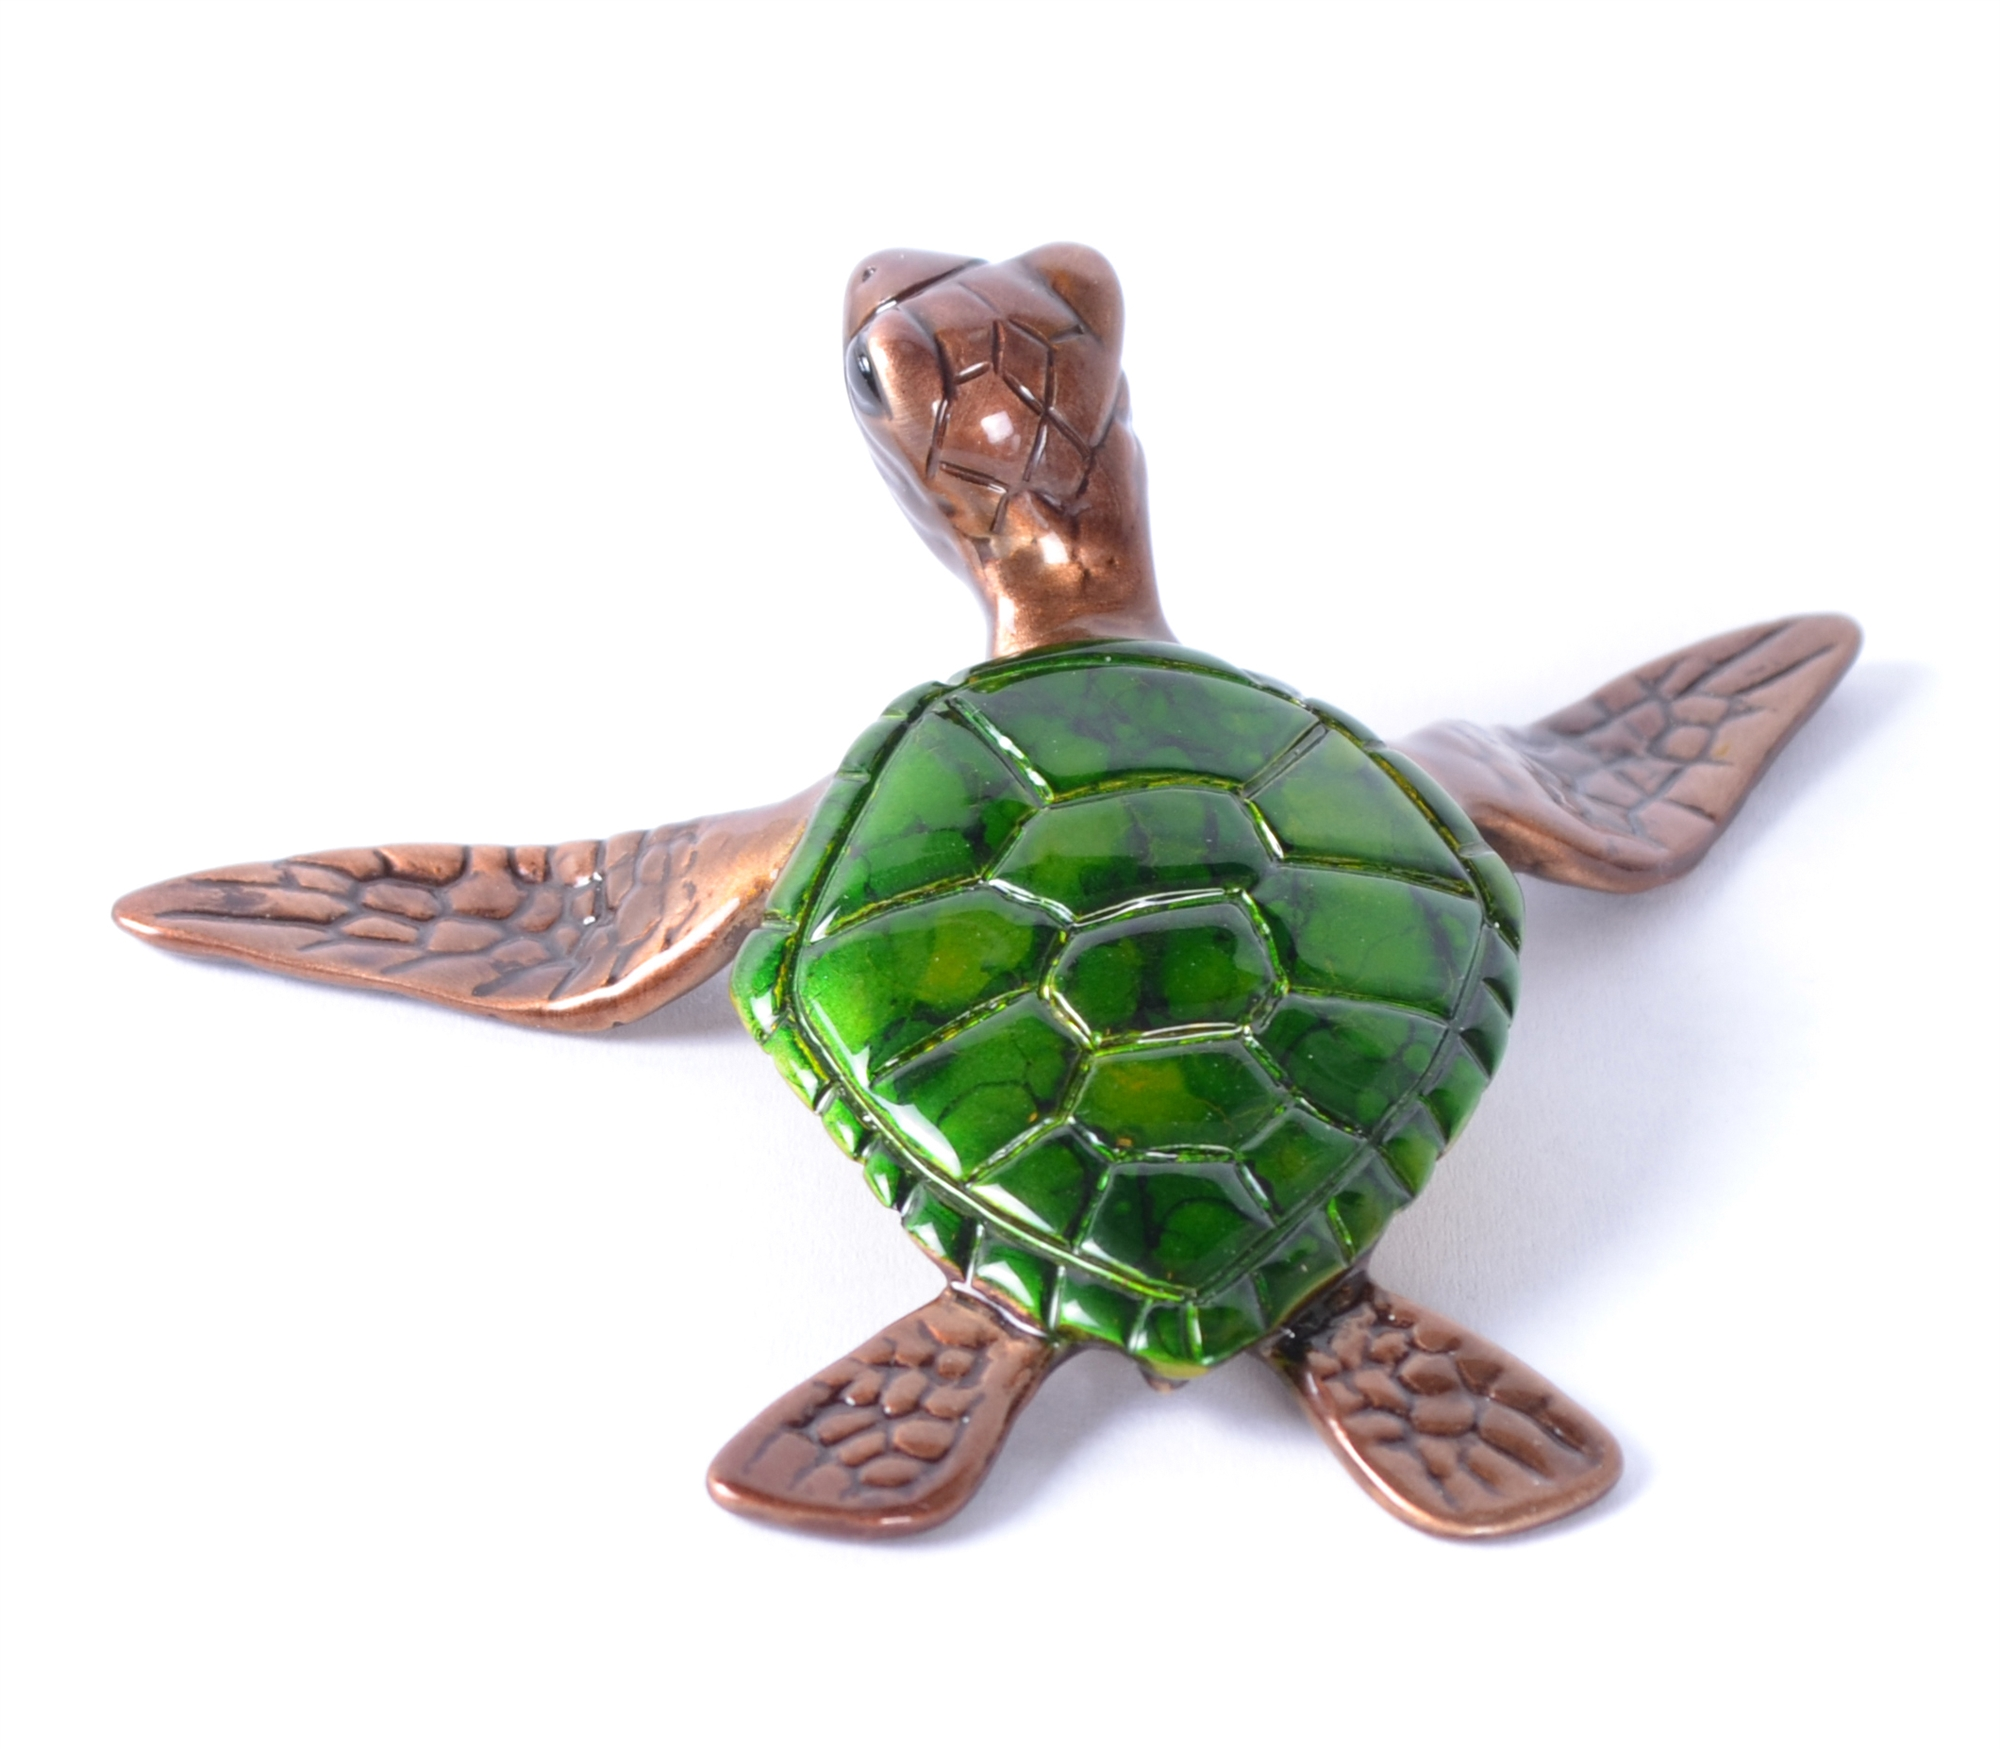 Slow Poke in Green by Chris Barela